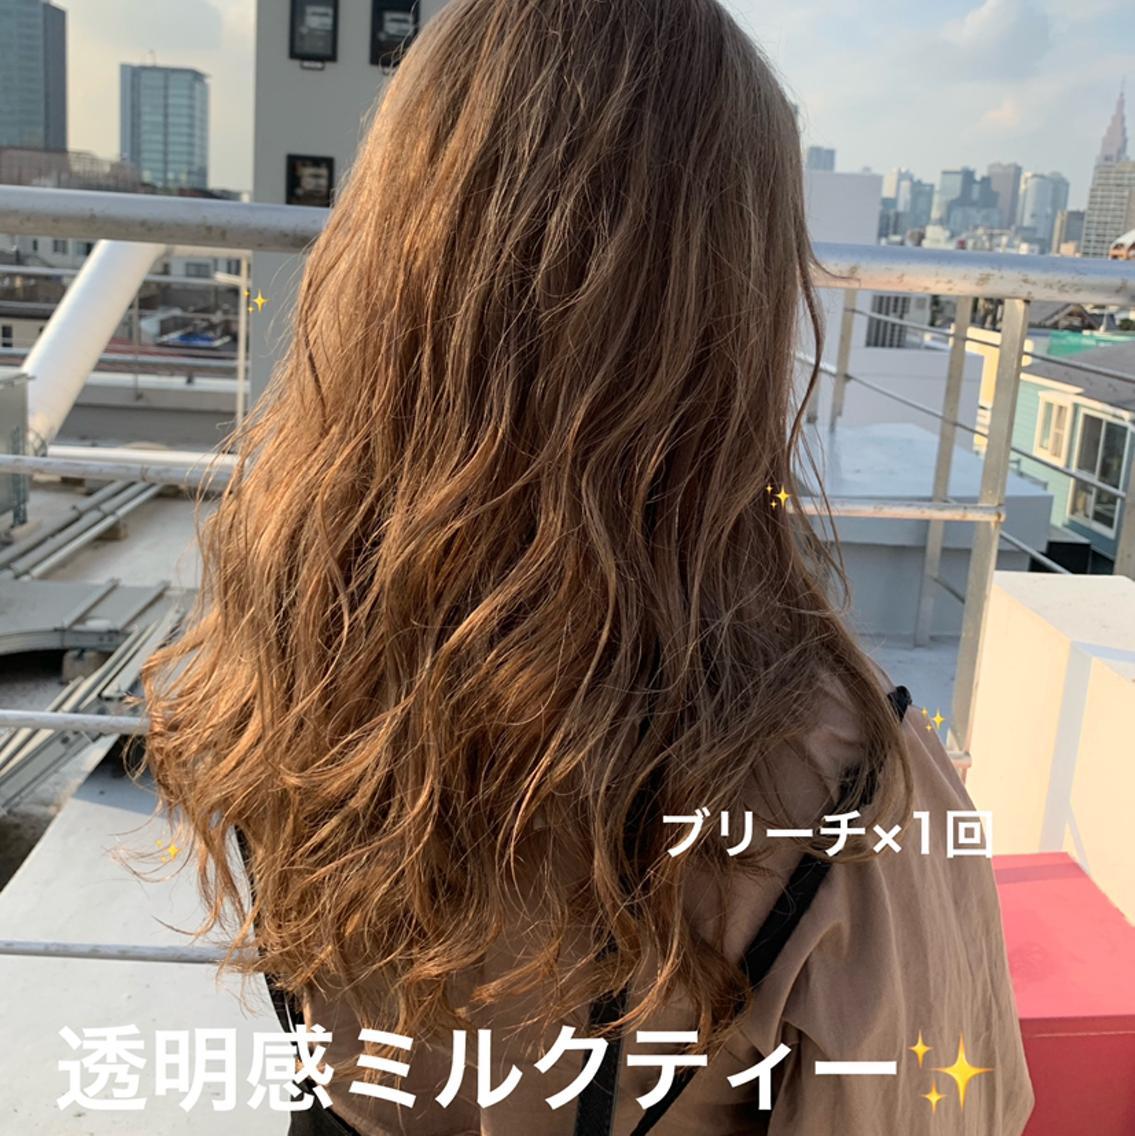 💙polon OMOTESANDO💙所属・‼️美髪ハイトーン 遠藤宗一郎‼️の掲載